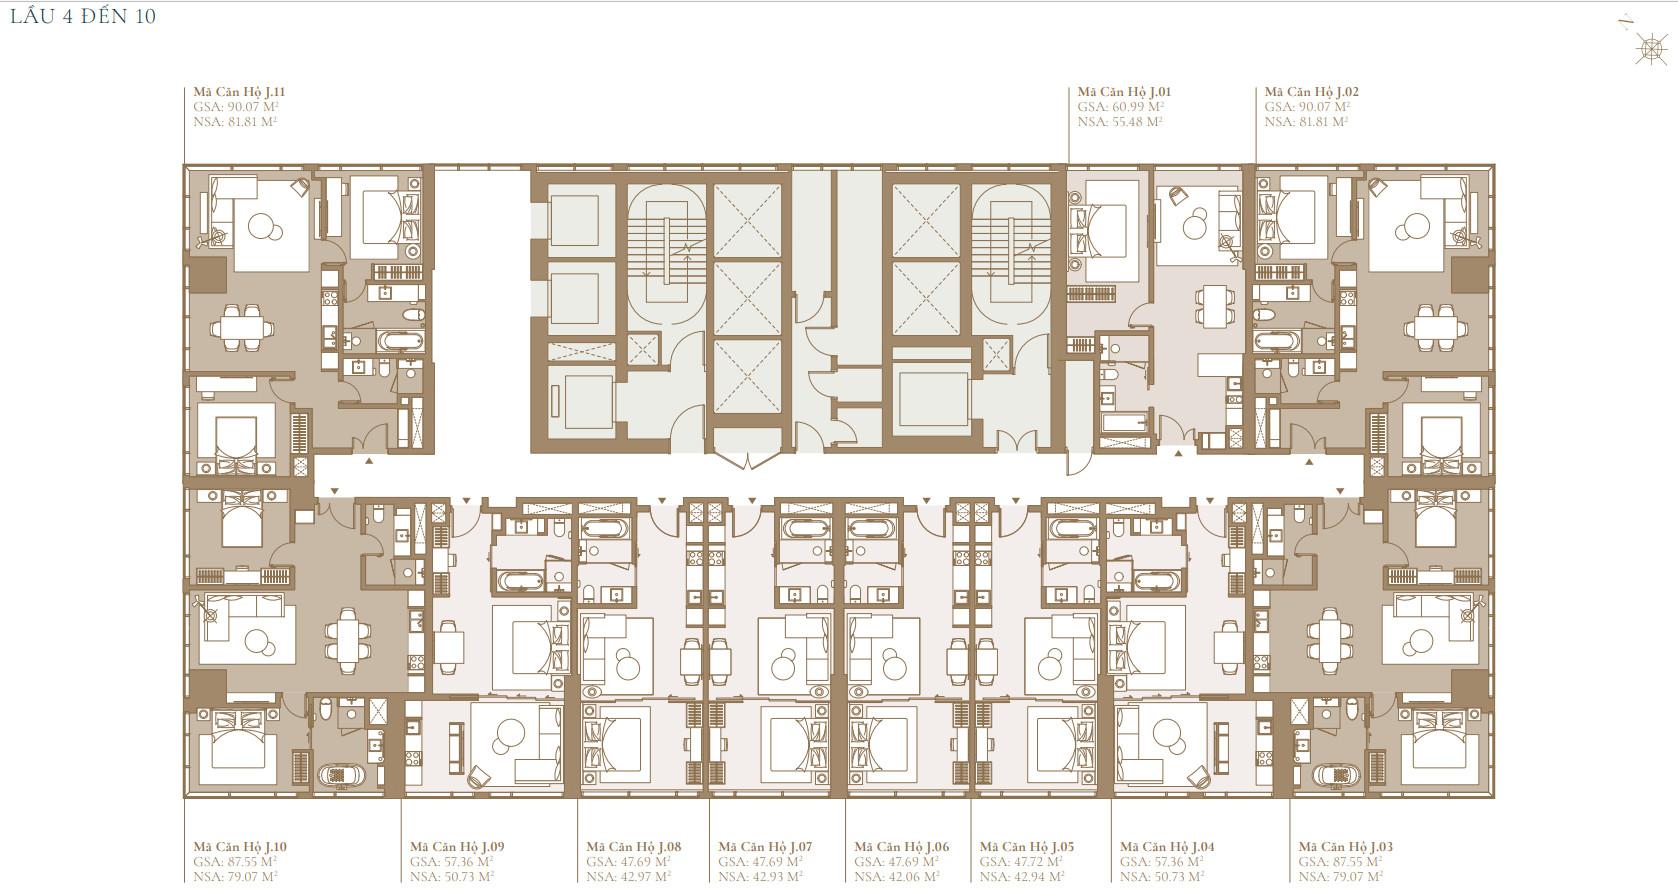 Măt bằng thiết kế tòa LAGACY LAGOON dự án Grand Marina Sài Gòn Quận 1